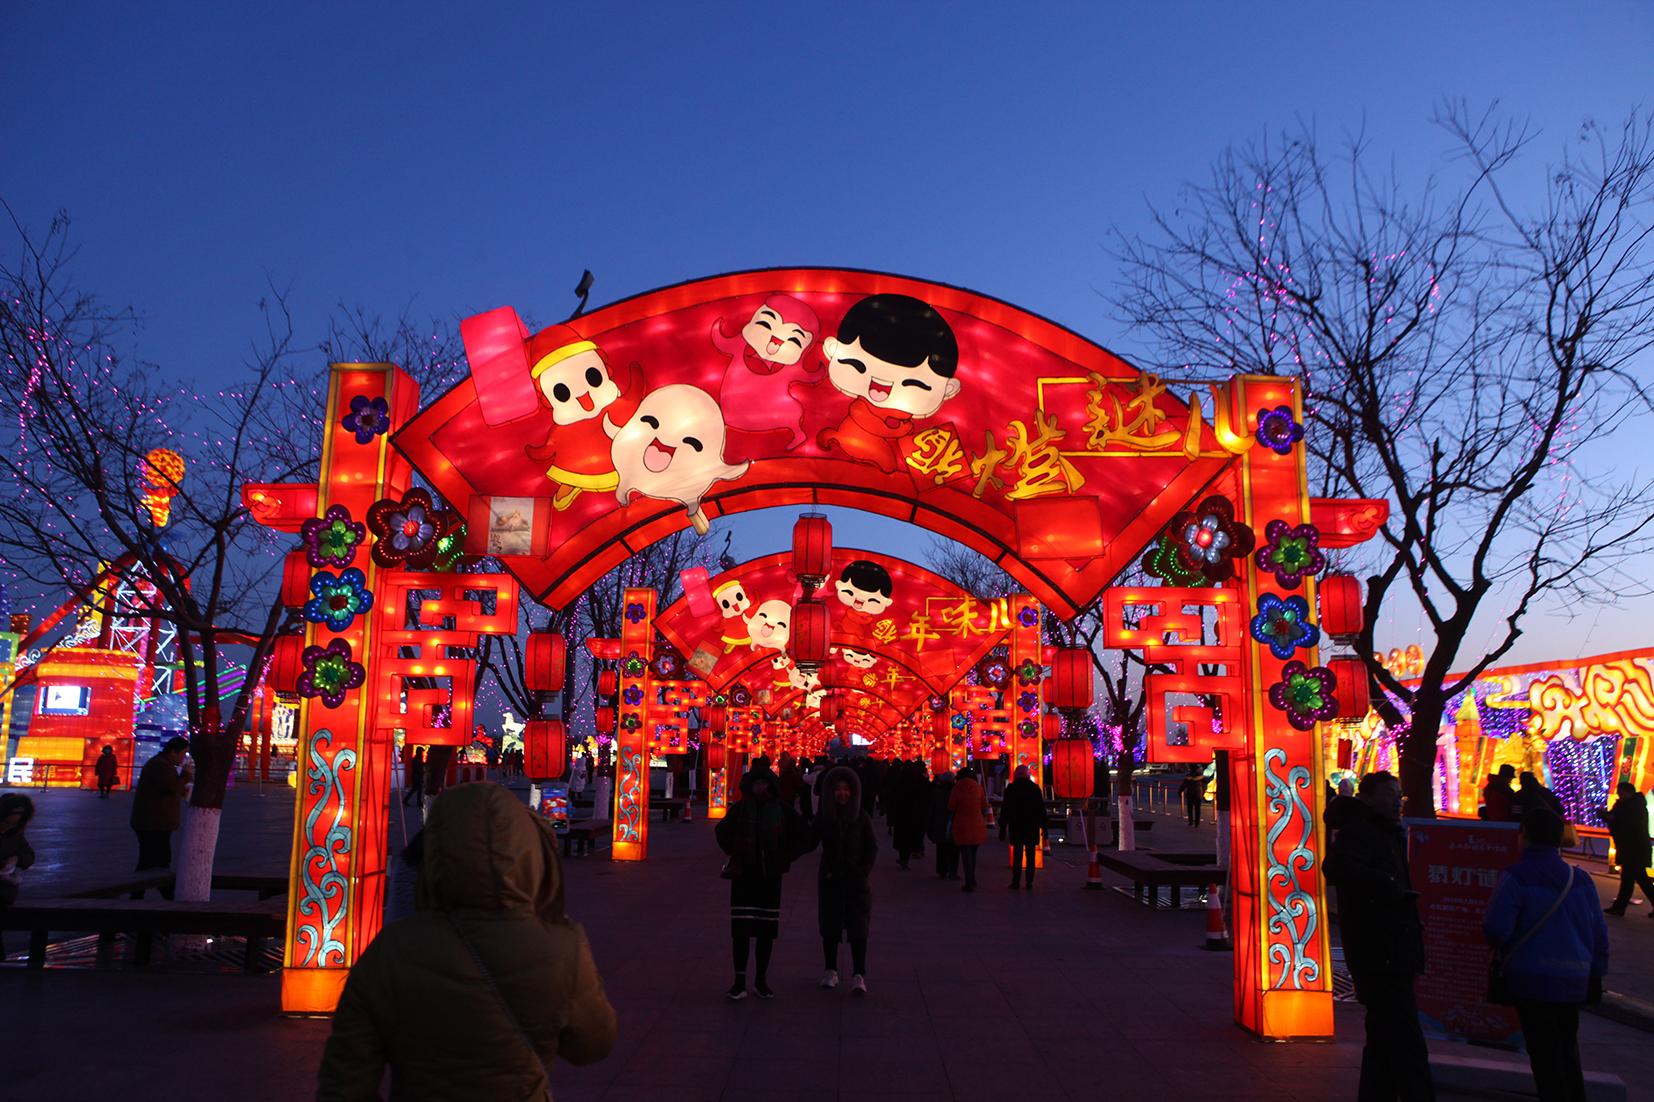 2020年春节唐山南湖灯会,2020年唐山灯会怎么样